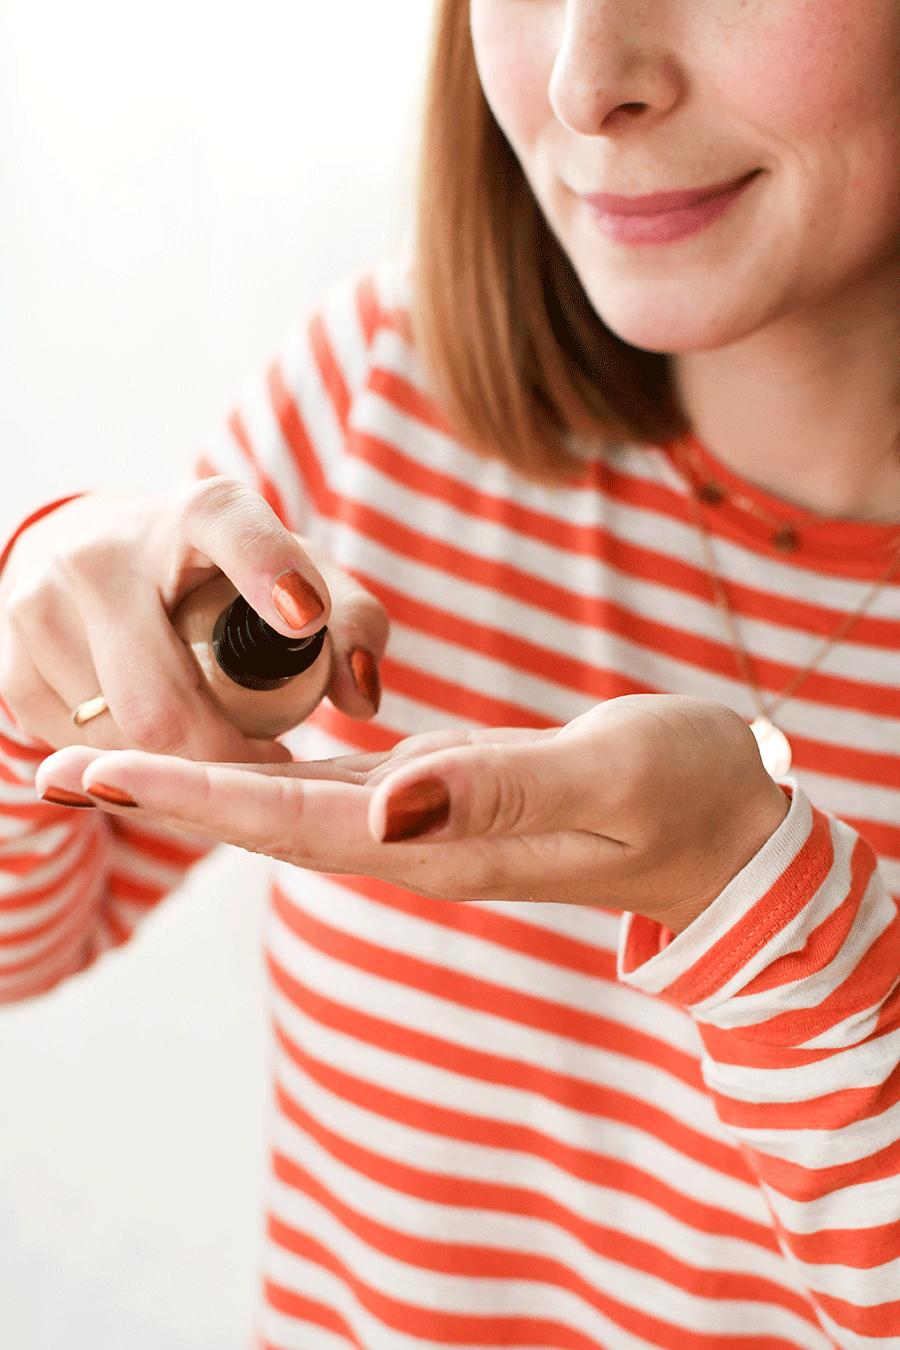 Haarpflege mit Haaröl: So wendest du das Beauty - Wunder richtig an